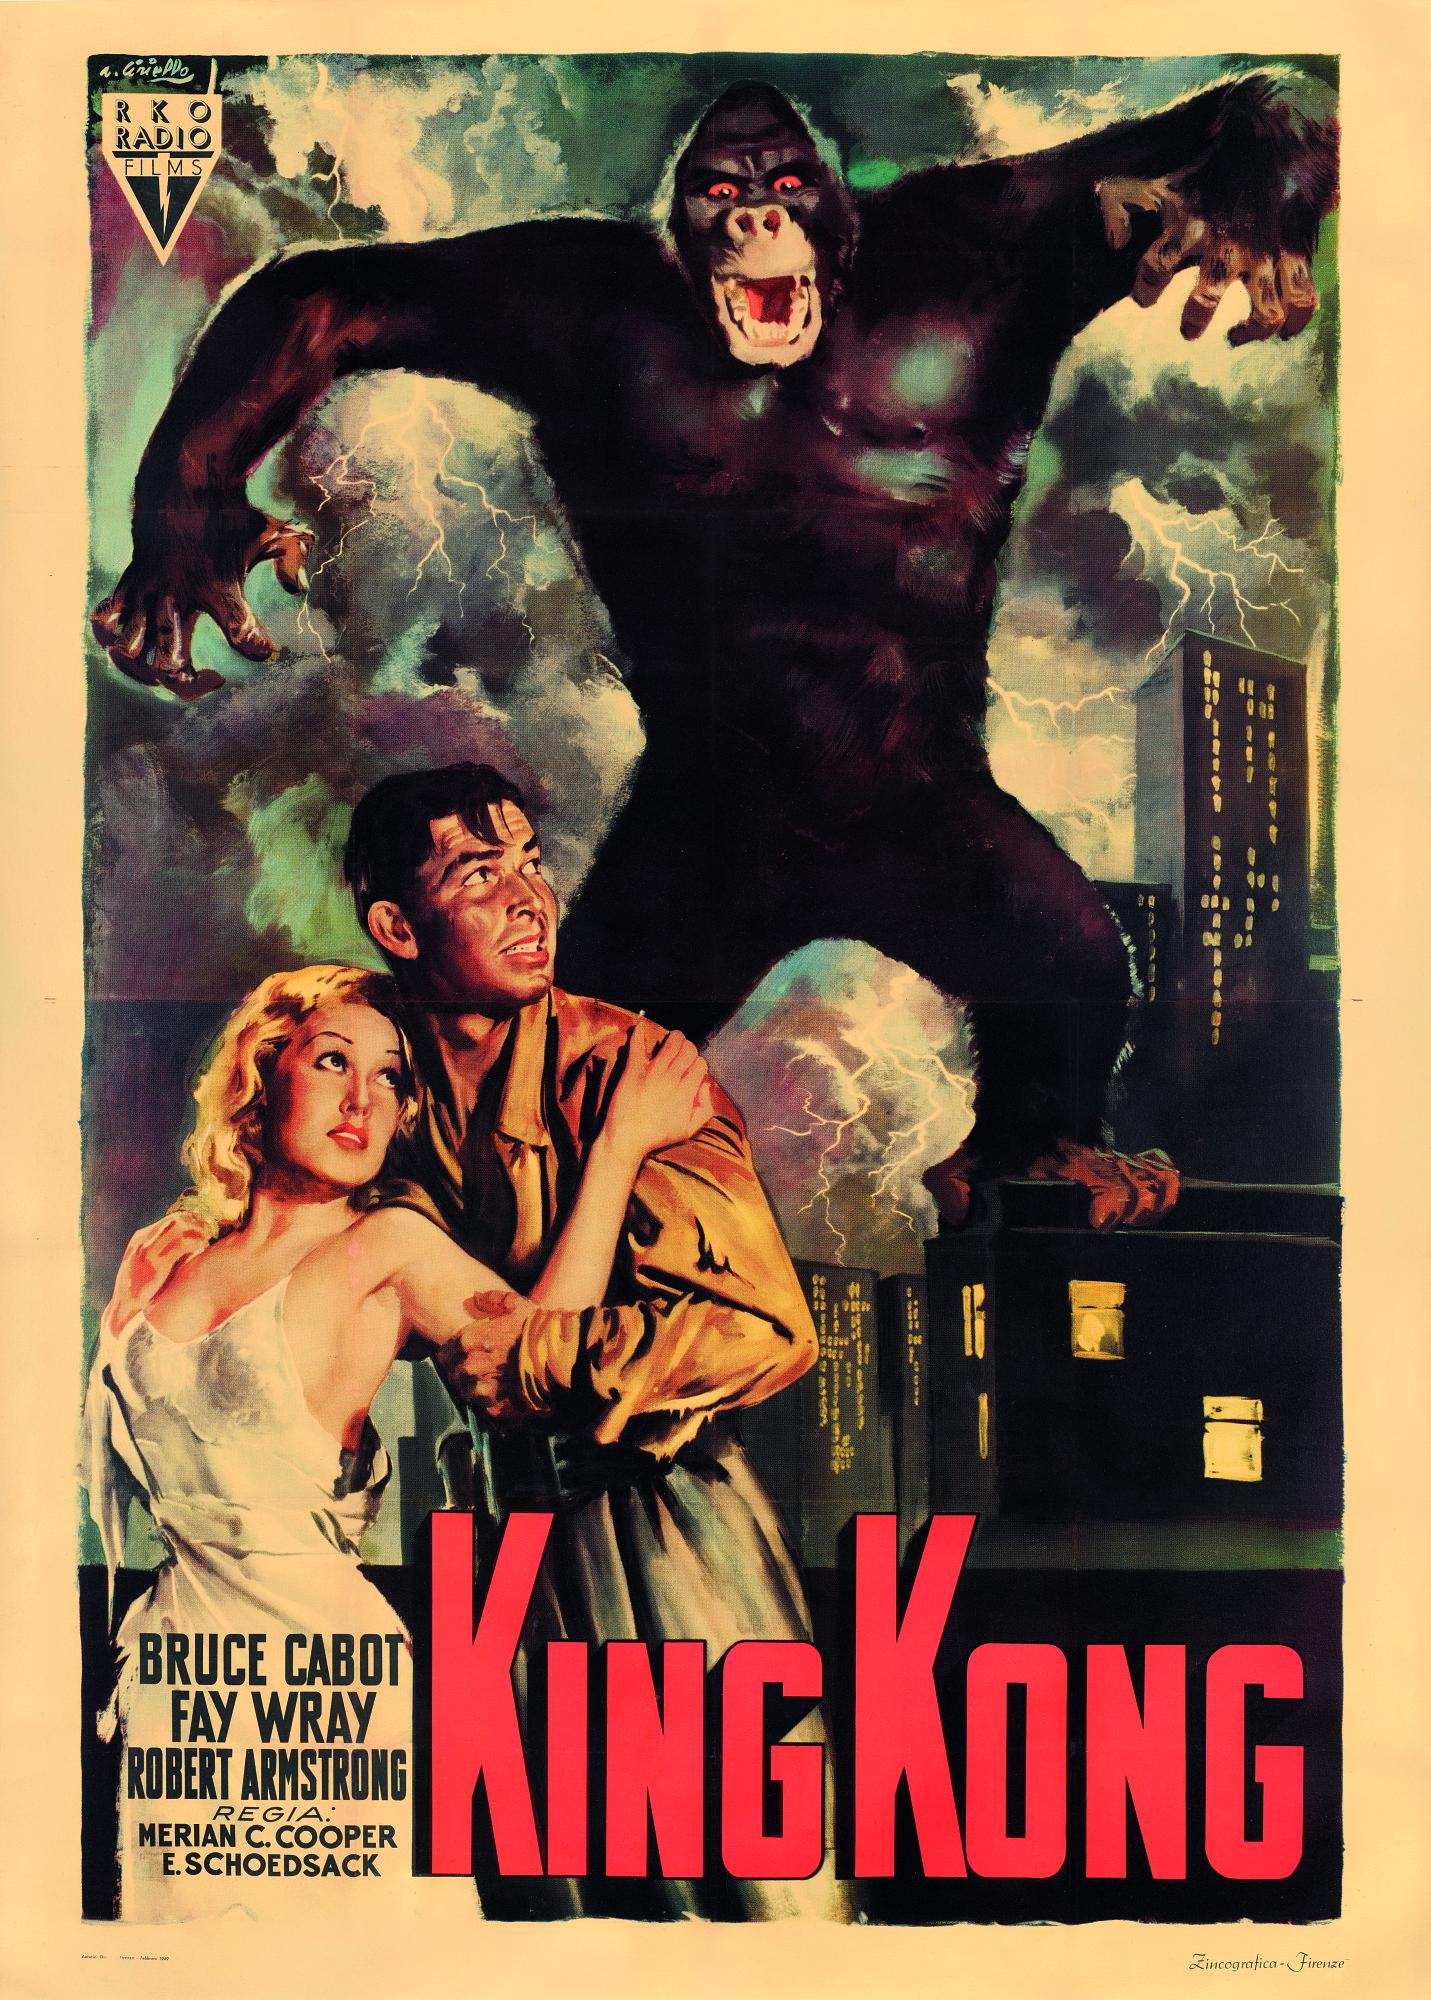 King Kong 1933 Poster Italian Original Film Posters